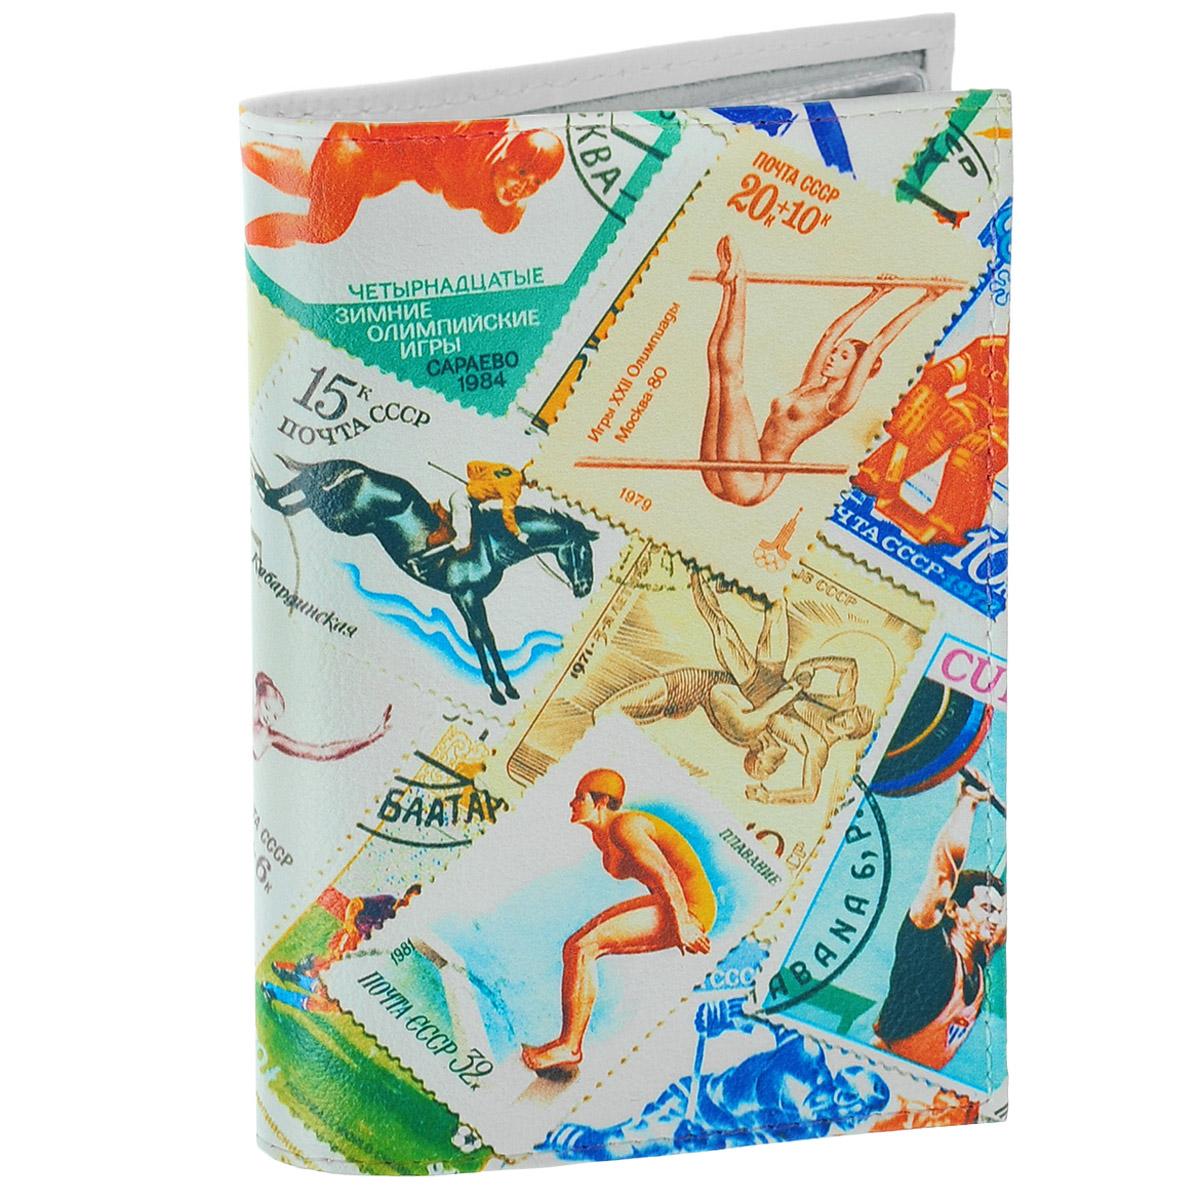 Обложка для автодокументов Спорт (марки) 2. AUTO282Натуральная кожаОбложка для автодокументов Mitya Veselkov Спорт. Марки - 2 изготовлена из натуральной кожи и оформлена изображениями почтовых марок со спортивной тематикой. На внутреннем развороте имеются съемный блок из шести прозрачных файлов из мягкого пластика для водительских документов, один из которых формата А5, а также два боковых кармашка для визиток или банковских карт. Стильная обложка не только поможет сохранить внешний вид ваших документов и защитит их от грязи и пыли, но и станет аксессуаром, который подчеркнет вашу яркую индивидуальность.